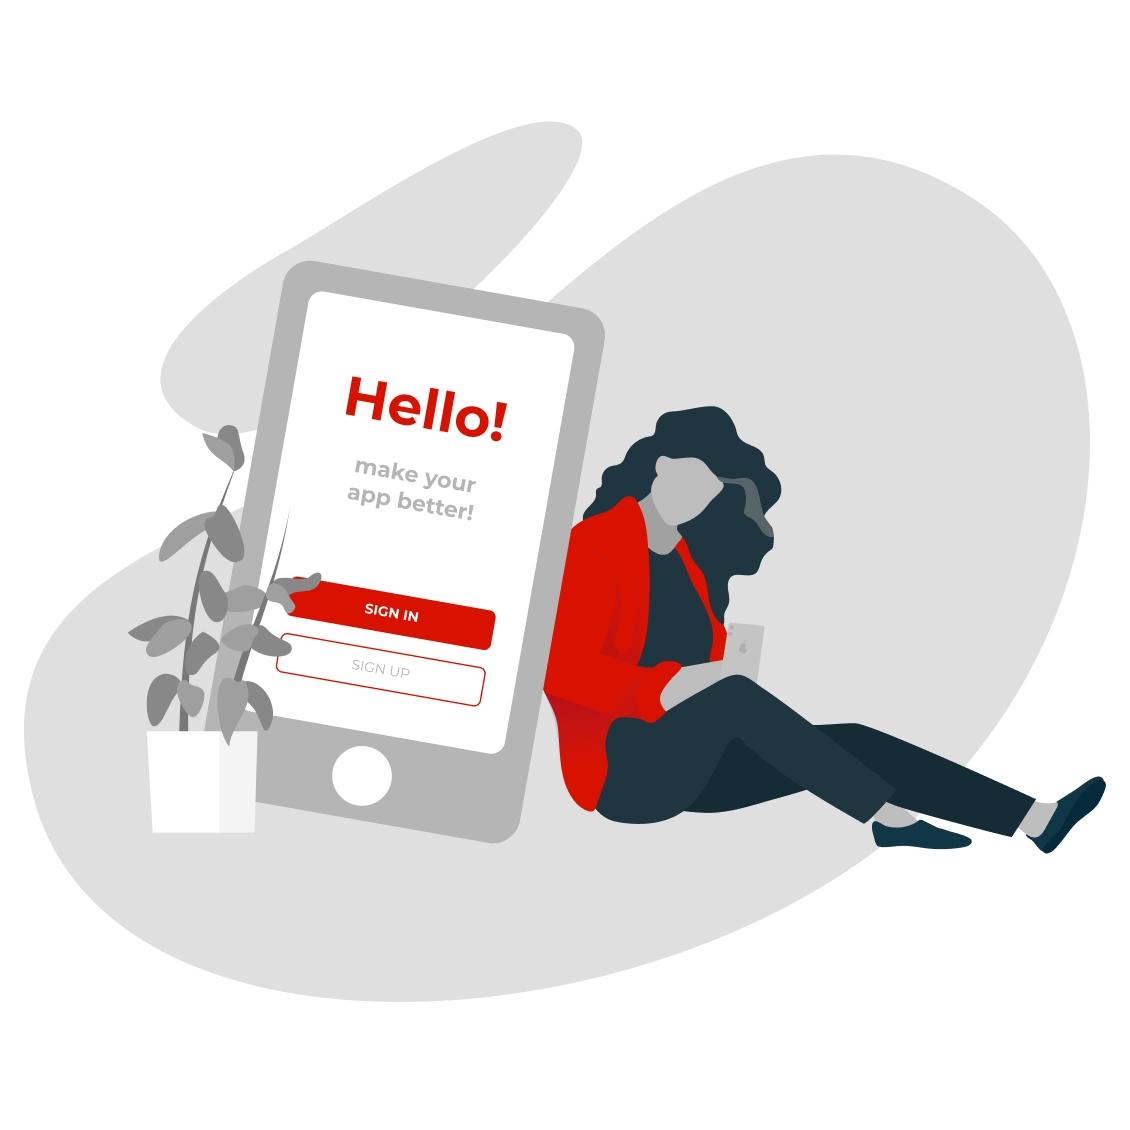 Ein-des-ein mobile app development